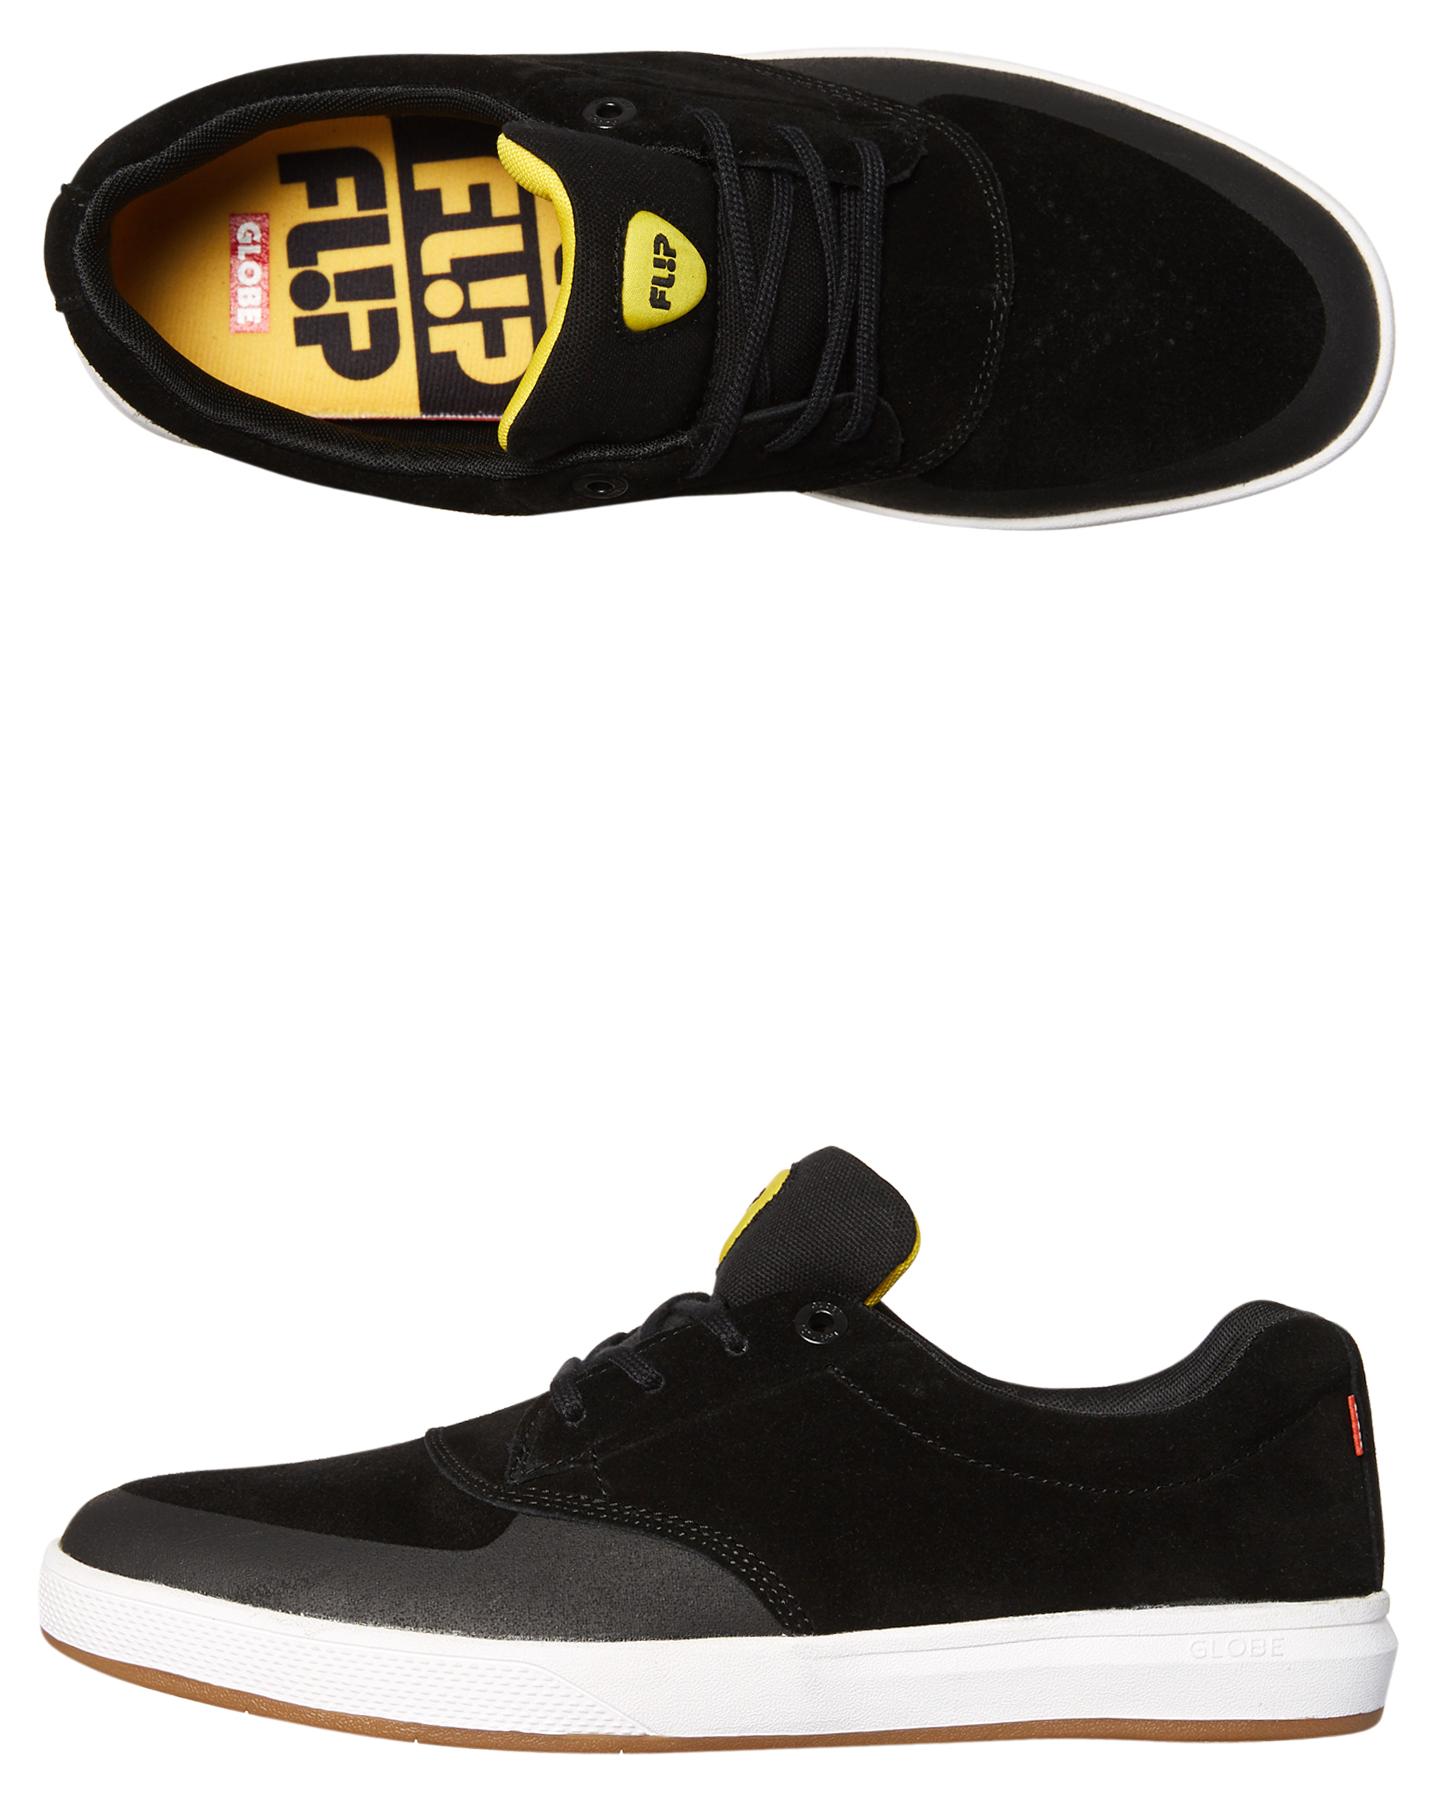 63807077da BLACK BUTTER MENS FOOTWEAR GLOBE SNEAKERS - GBEAGLE-20330 ...